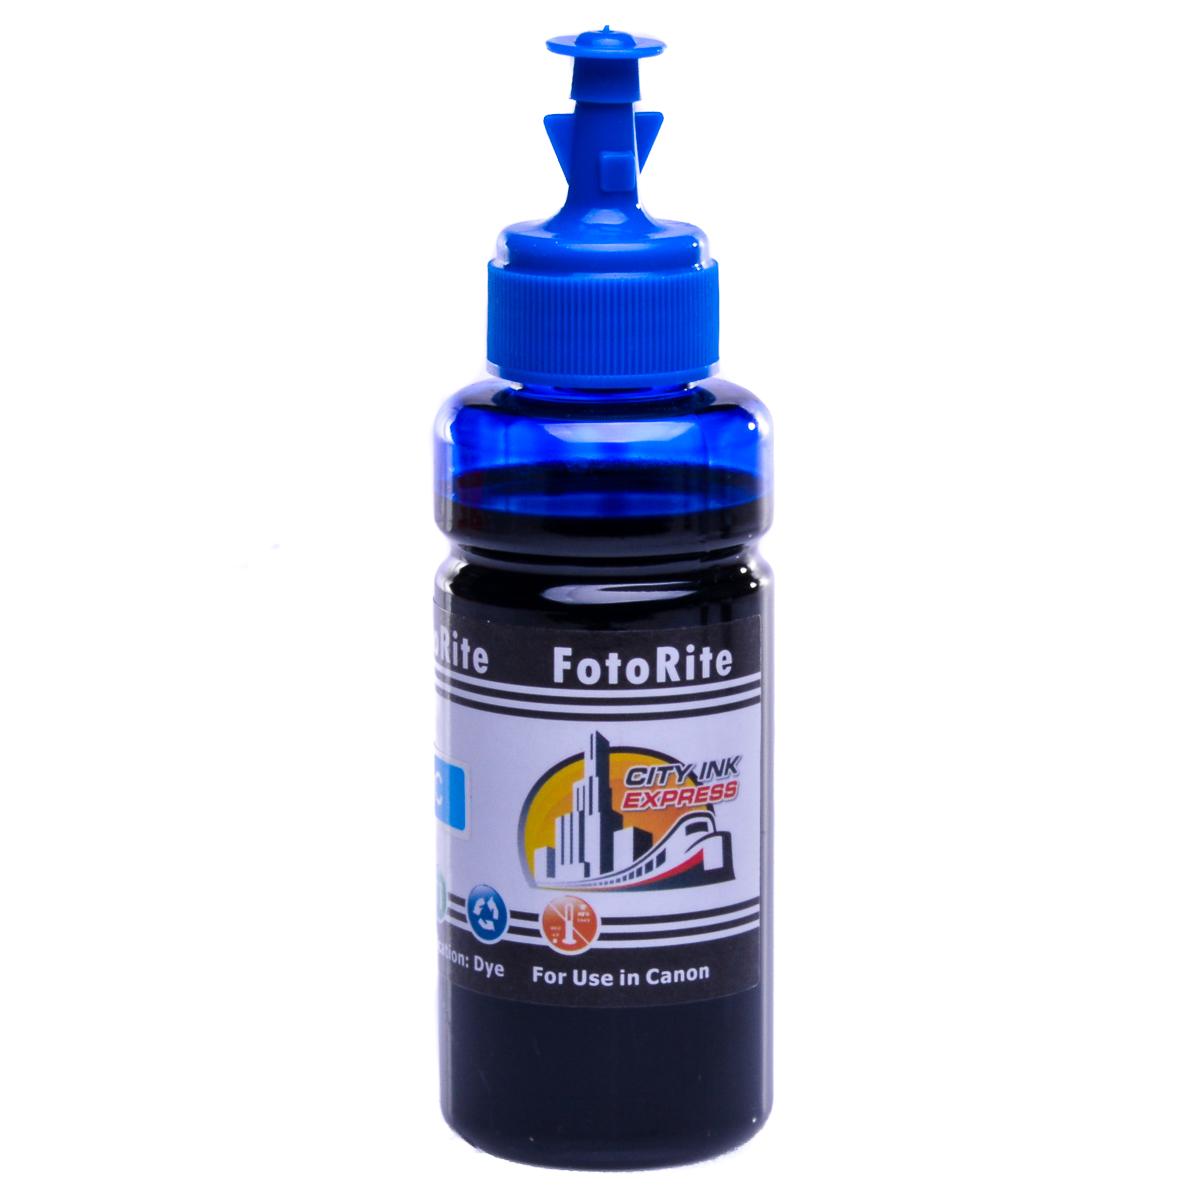 Cheap Cyan dye ink replaces Canon Pixma TR7550 - CLI-581C